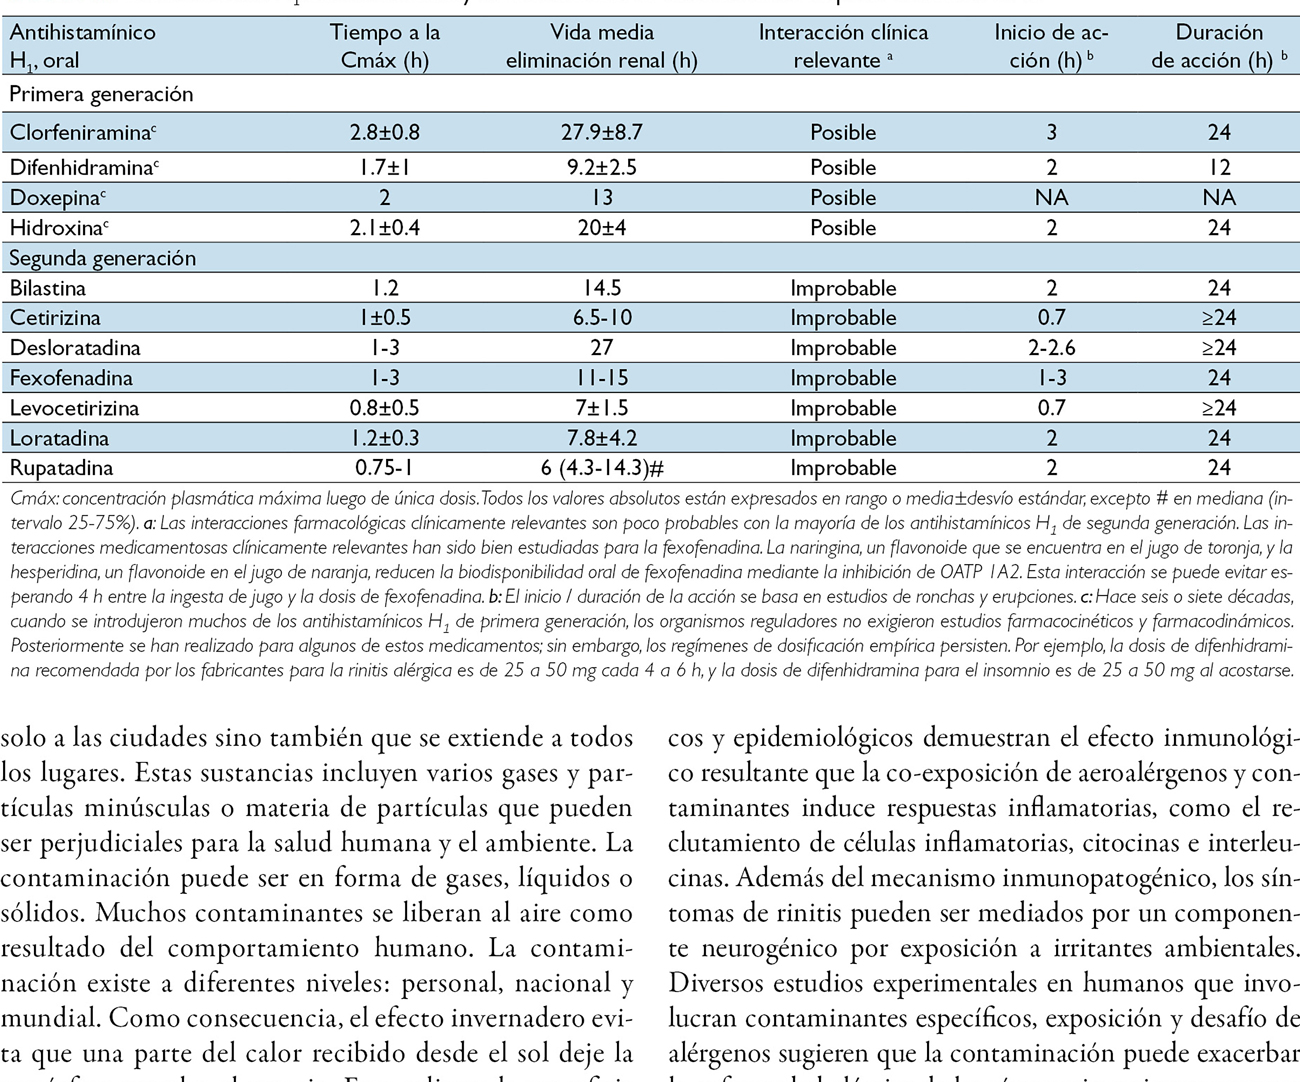 Tratamiento de la rinitis alérgica en adultos en Argentina. Documento de actualización